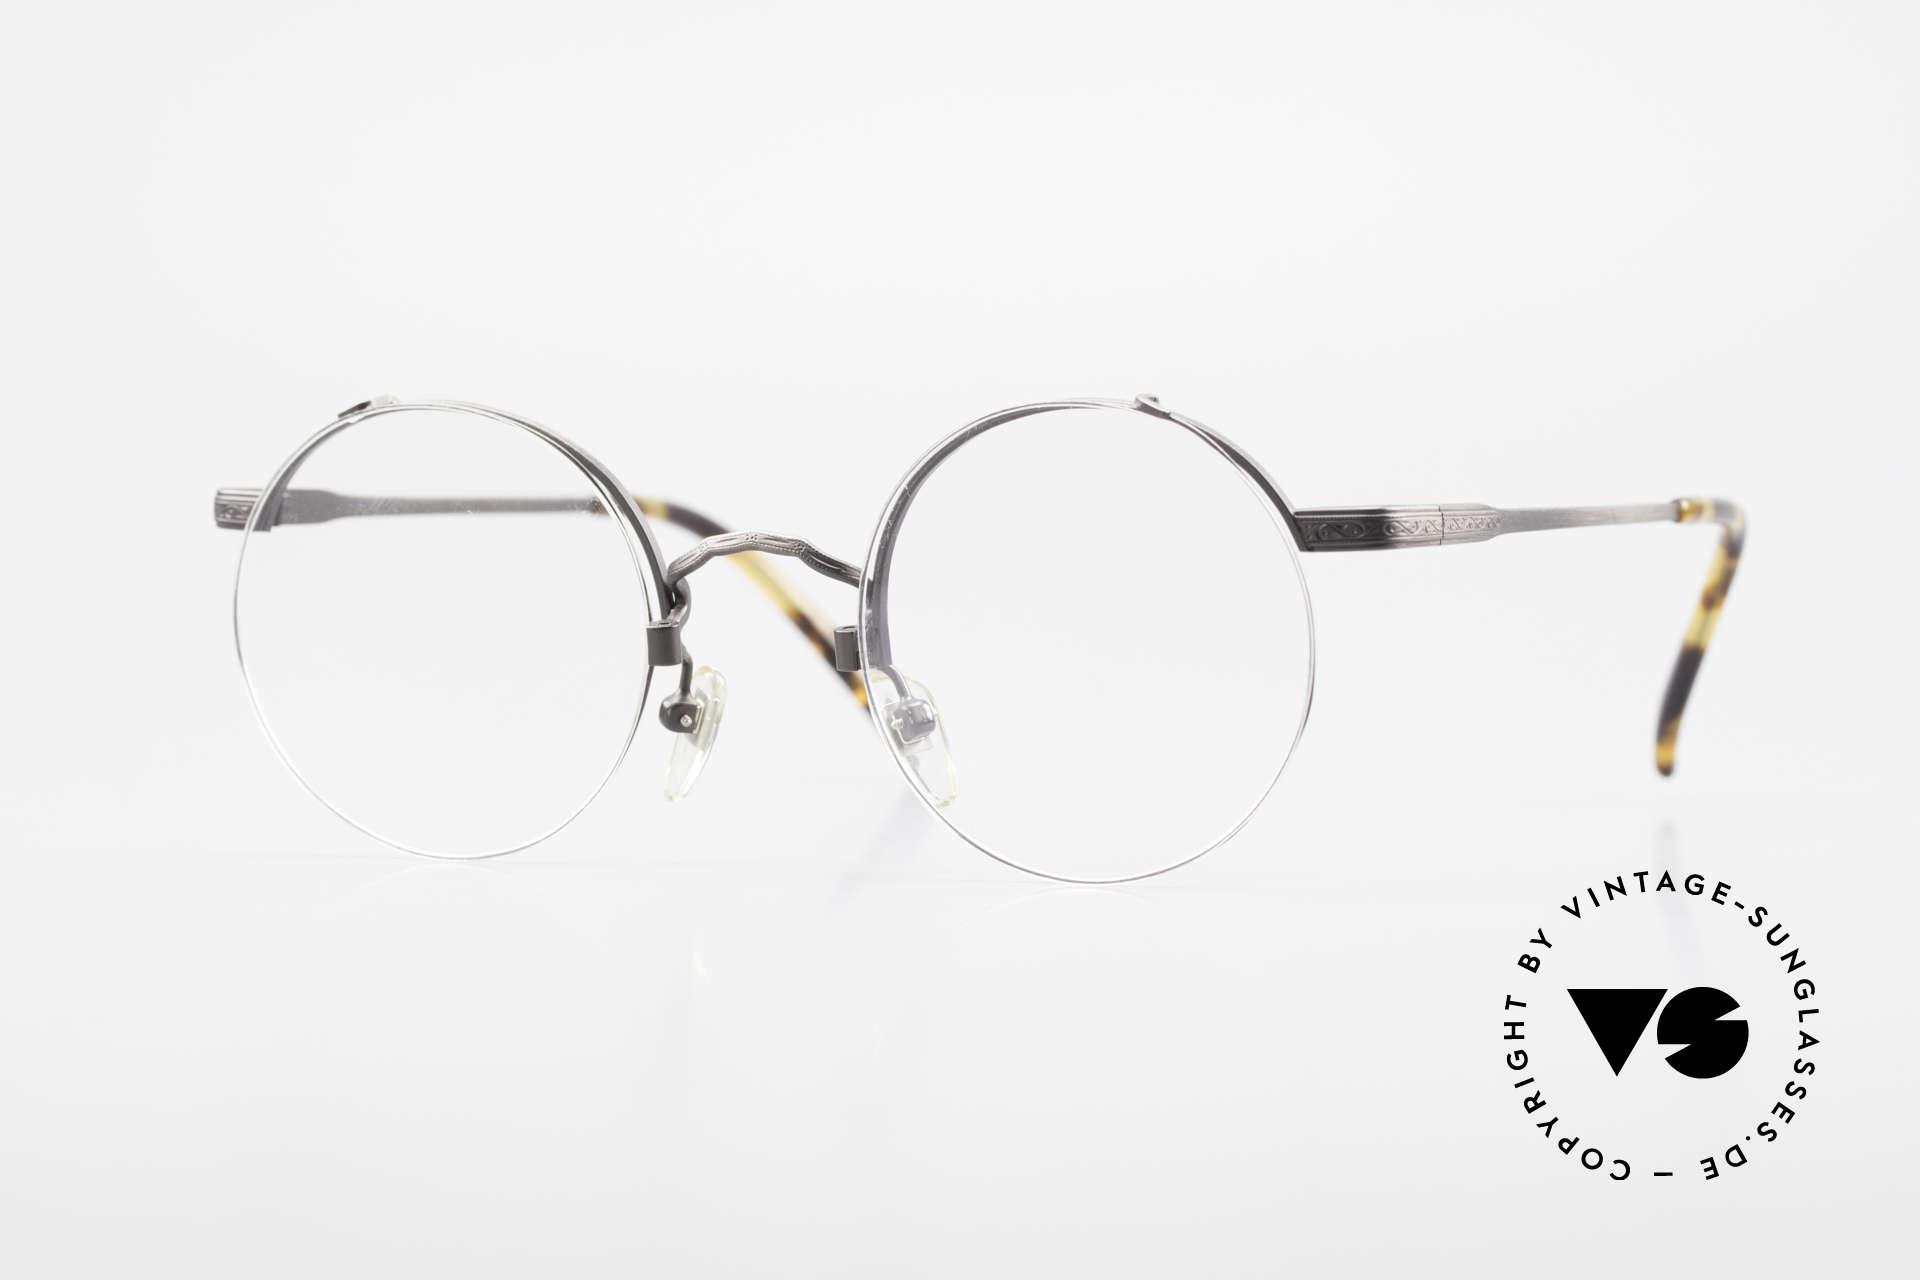 Bada BL9 Oliver Peoples Eyevan Pendant, alte vintage BADA Brillenfassung aus den 90er Jahren, Passend für Herren und Damen